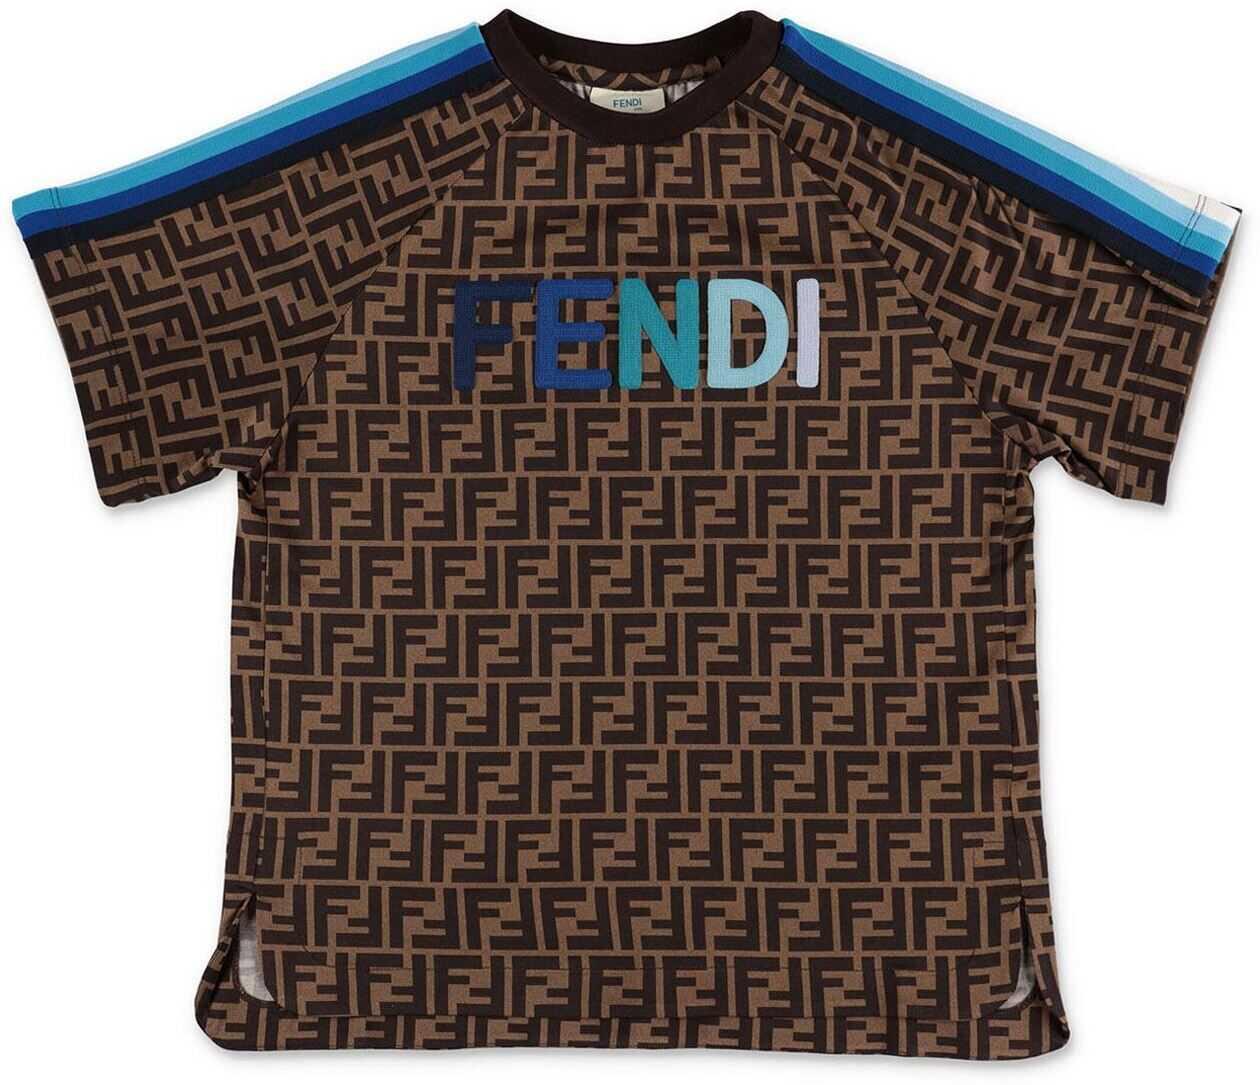 Zucca T-Shirt With Light Blue Details